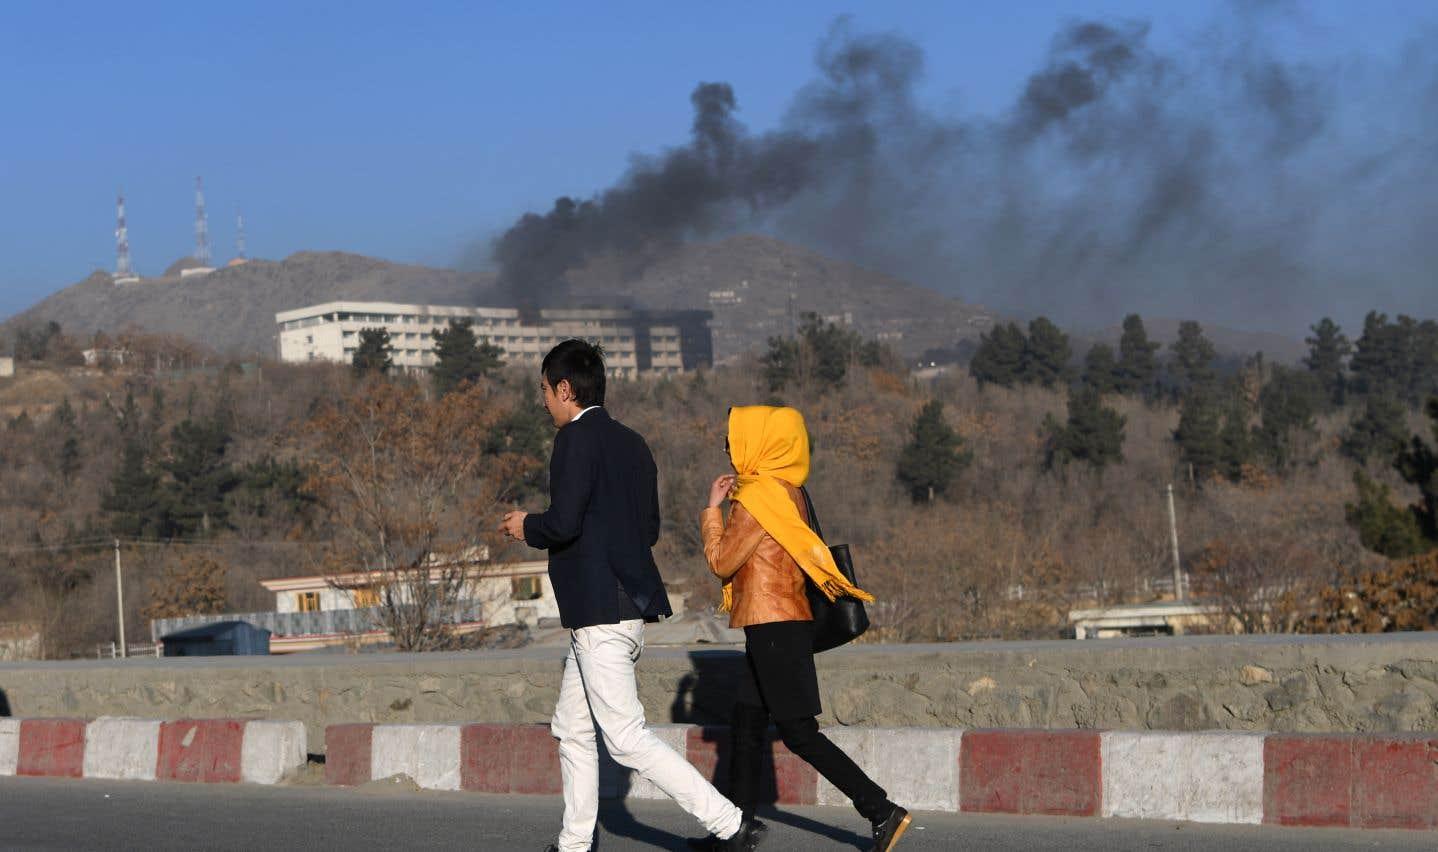 L'Intercontinental de Kaboul, l'un des deux hôtels cinq étoiles de la ville, accueille souvent des mariages, des conférences et des réunions politiques.